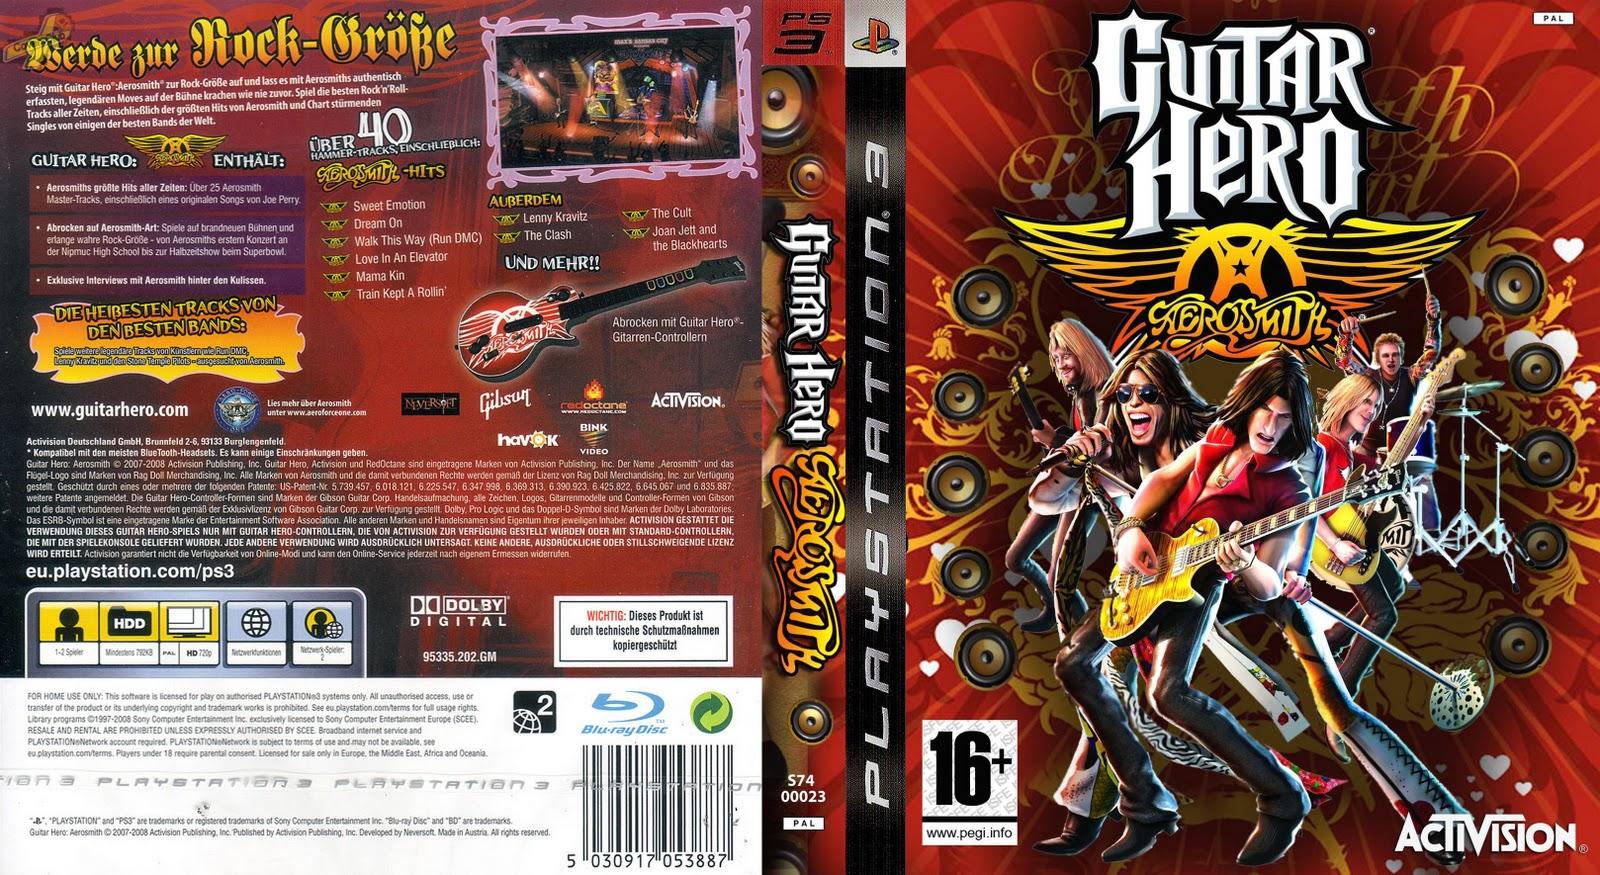 Guitar hero 3 porn erotic picture - Guitar hero 3 hd ...